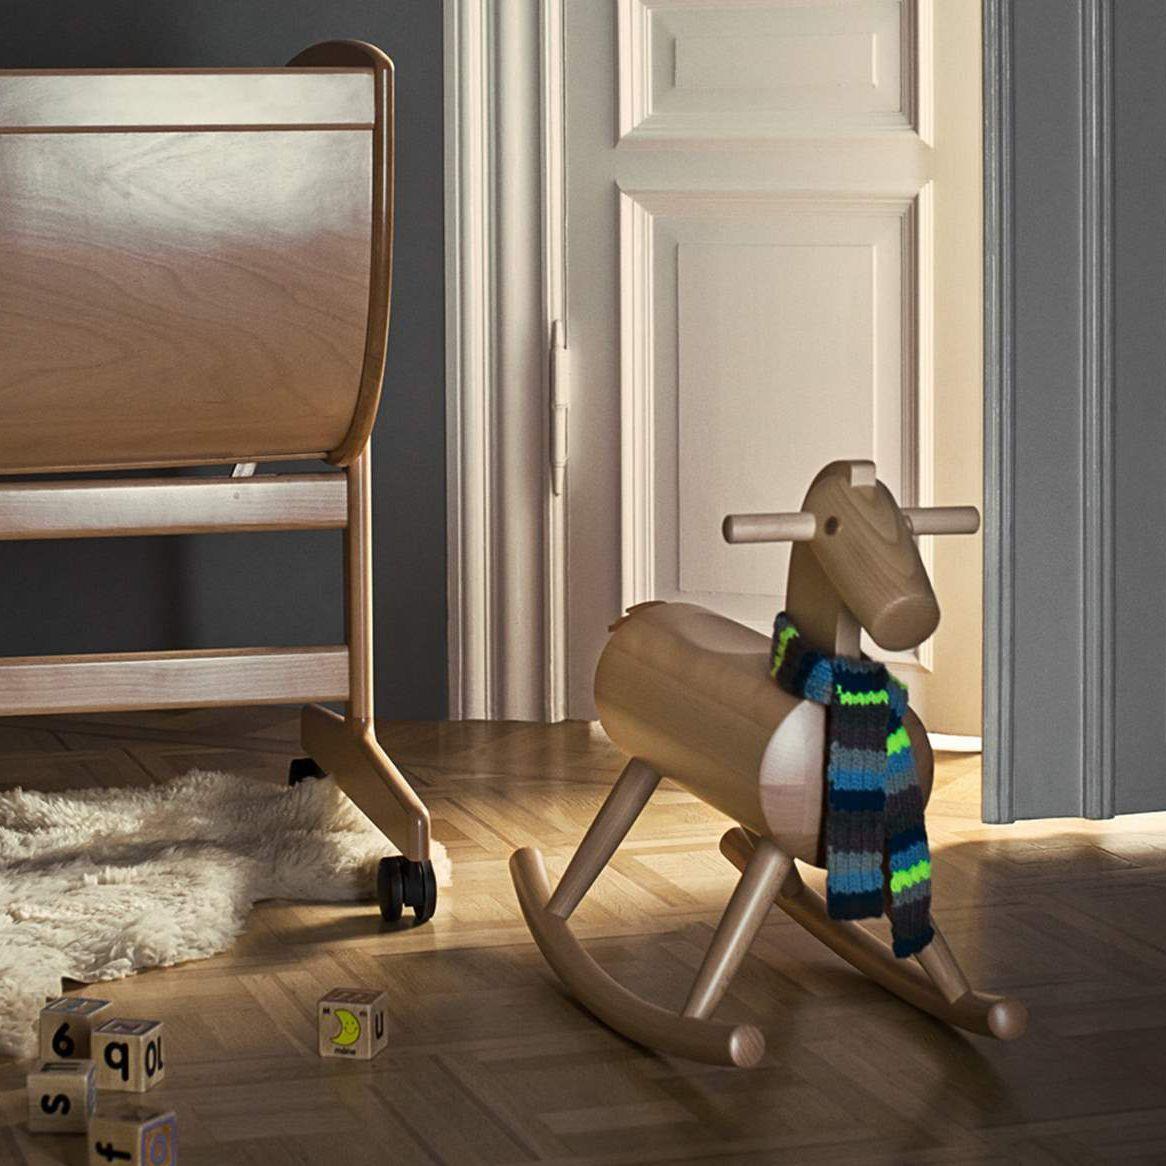 Cavallo A Dondolo Design.Cavallo A Dondolo In Legno Mokuba By T Okamura E Marquardse